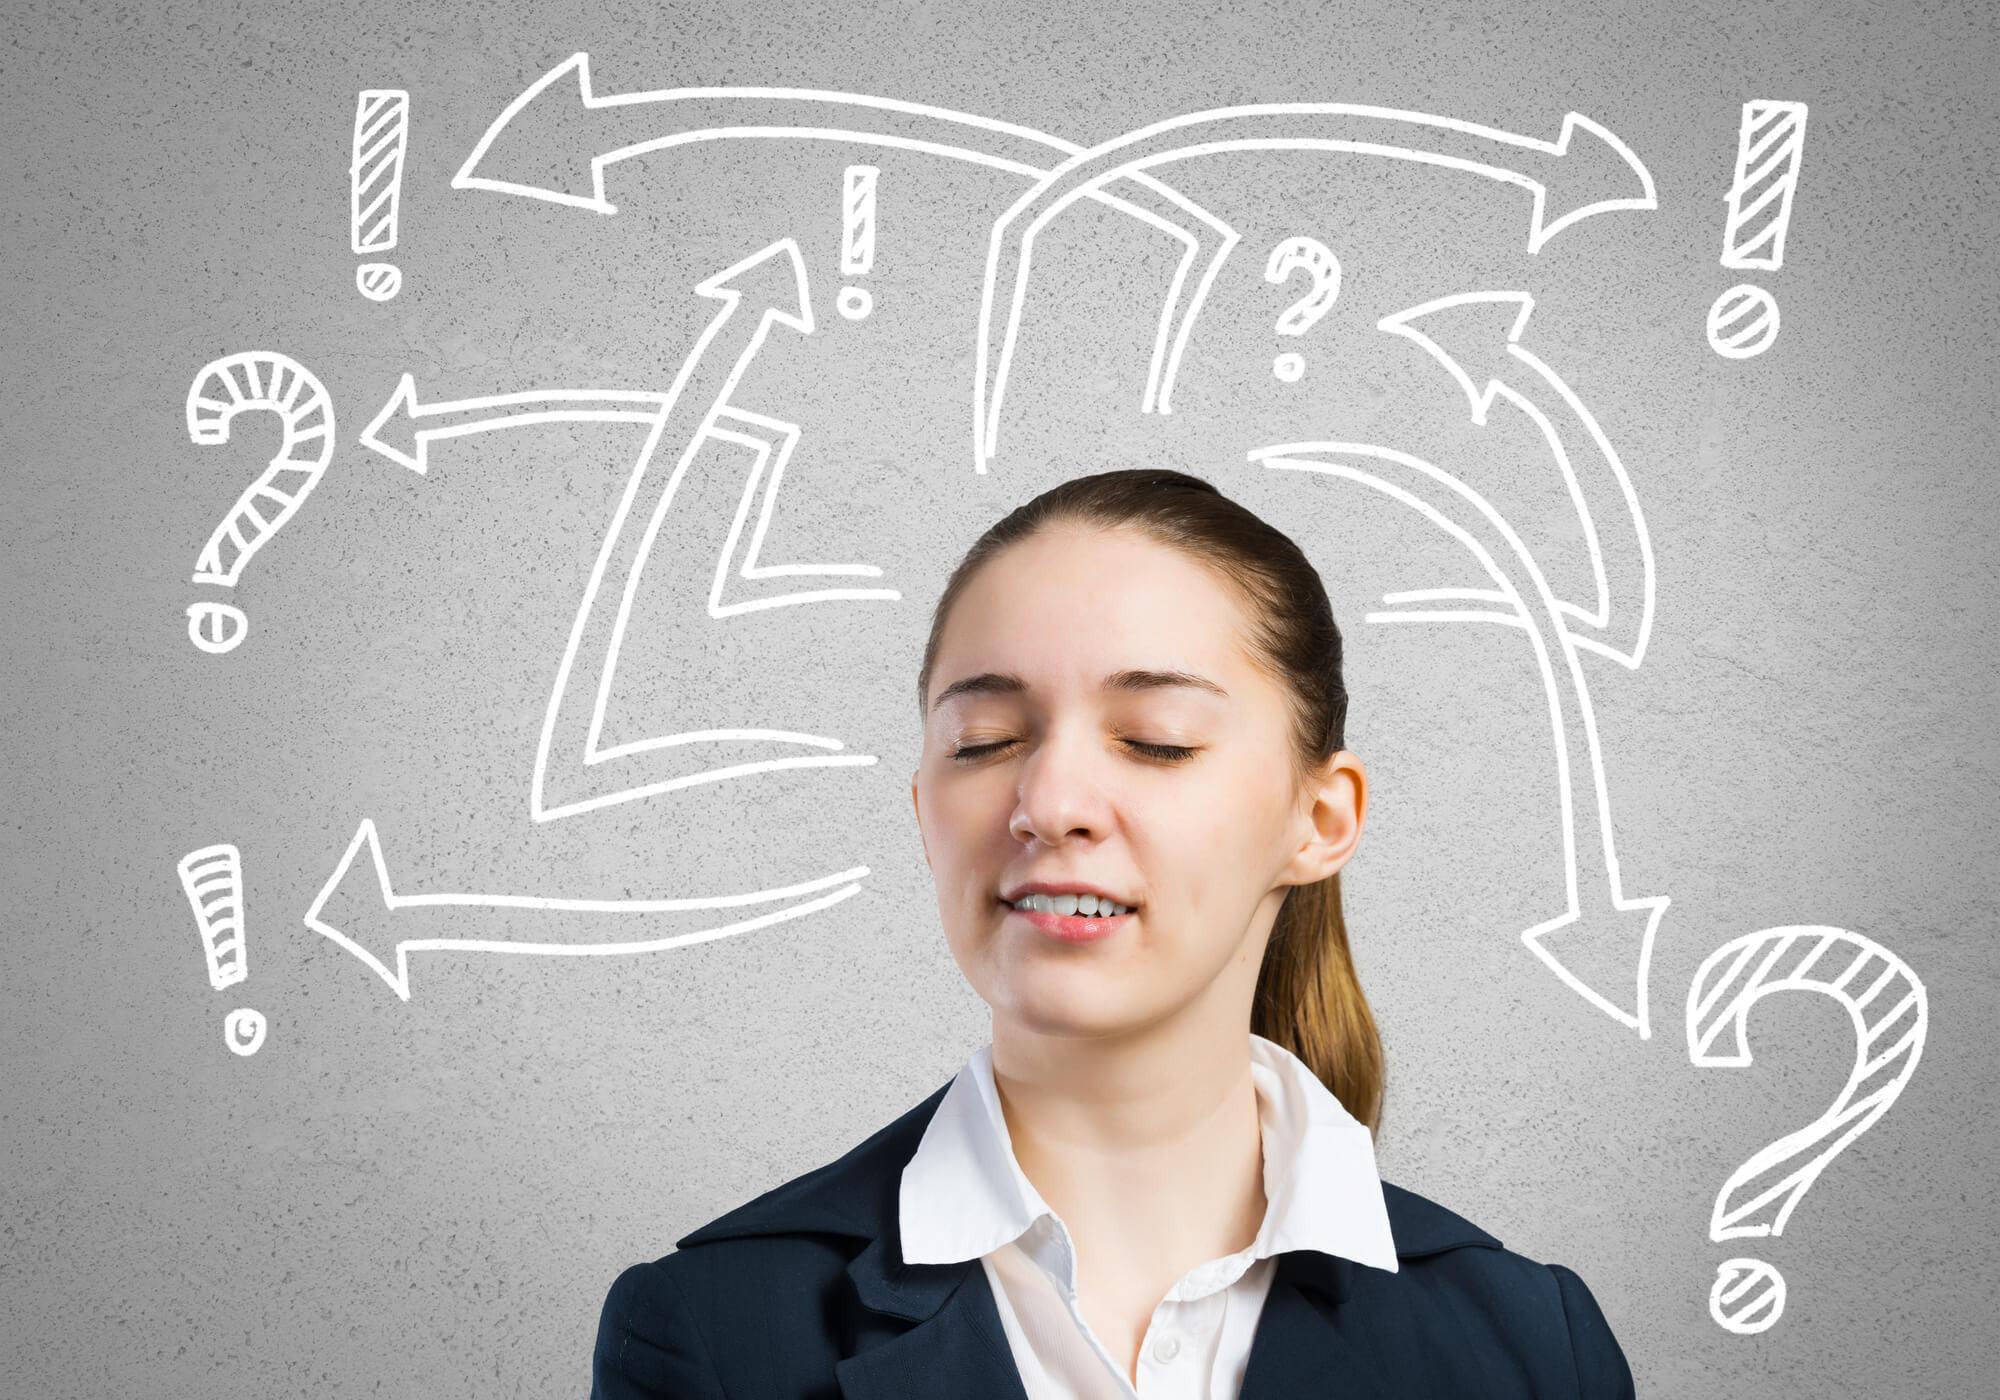 ロジカルシンキング(論理的思考)とは?就活に役立つ論理的思考力の身に付け方